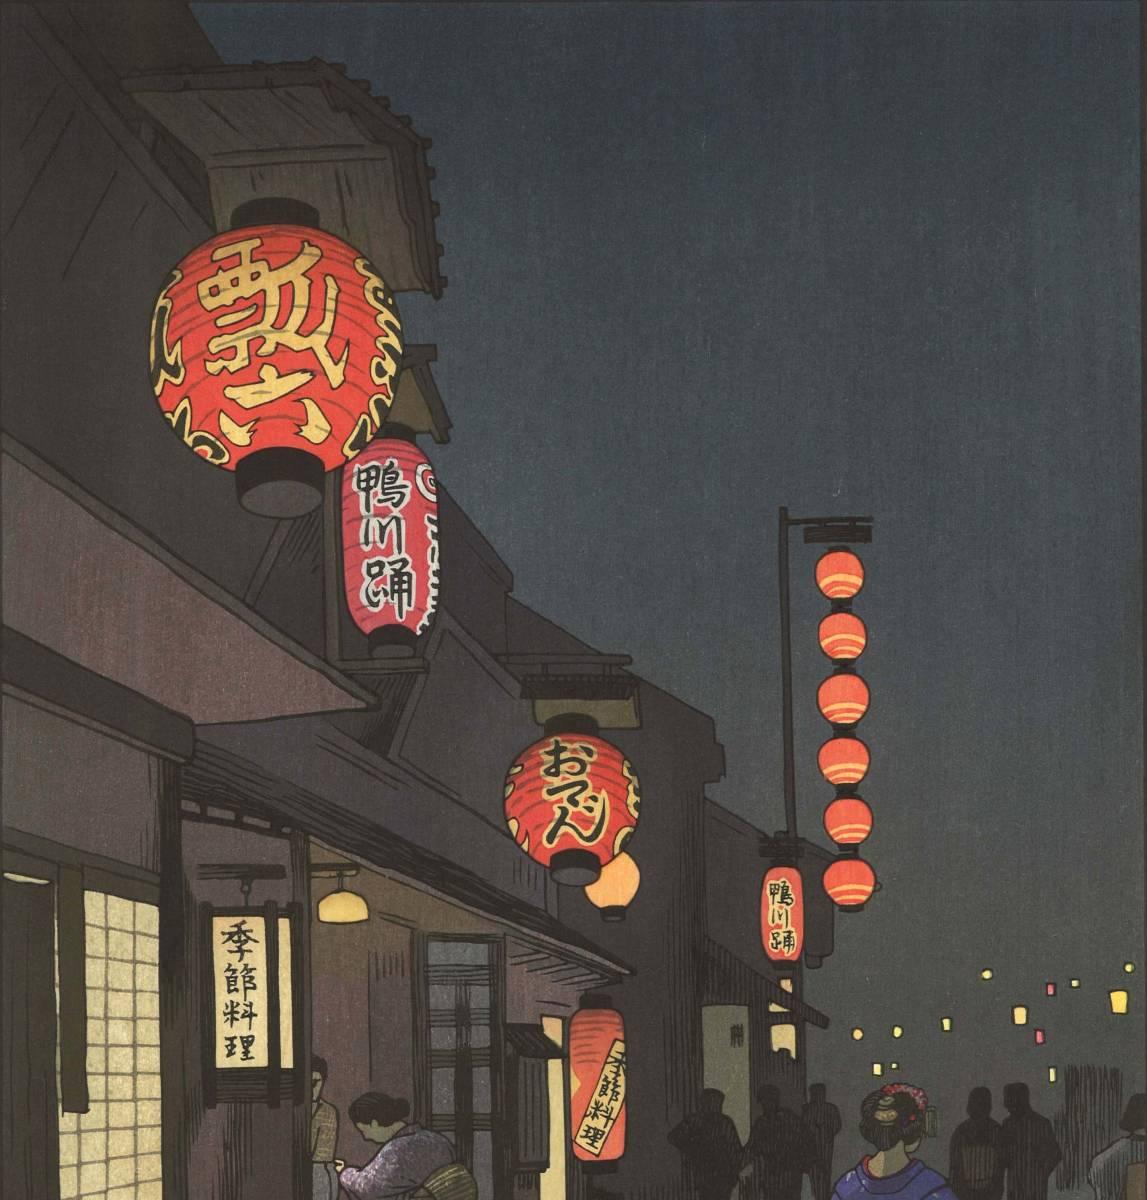 吉田遠志 木版画 018501 瓢六 (Hyoroku) 初摺1951年  最高峰の摺師の技をご堪能下さい!!_画像6